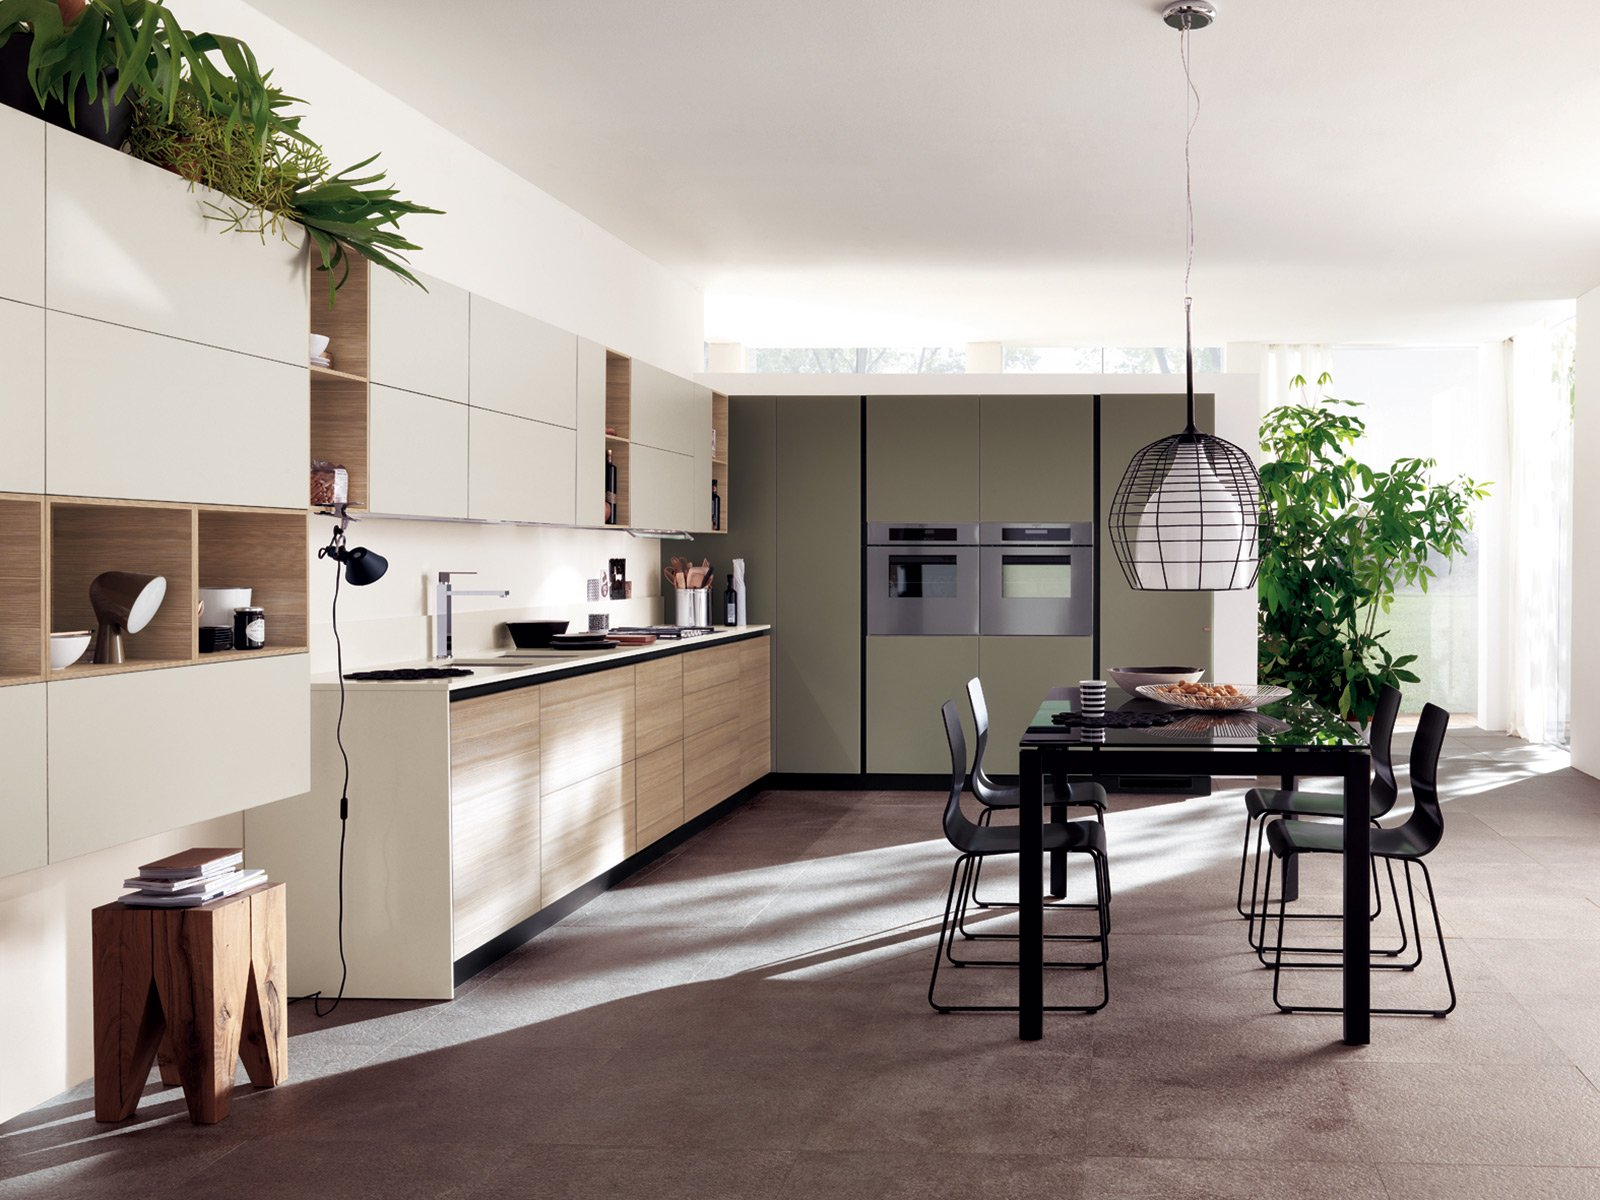 Cucine in laminato cose di casa - Cucine a buon prezzo dove ...